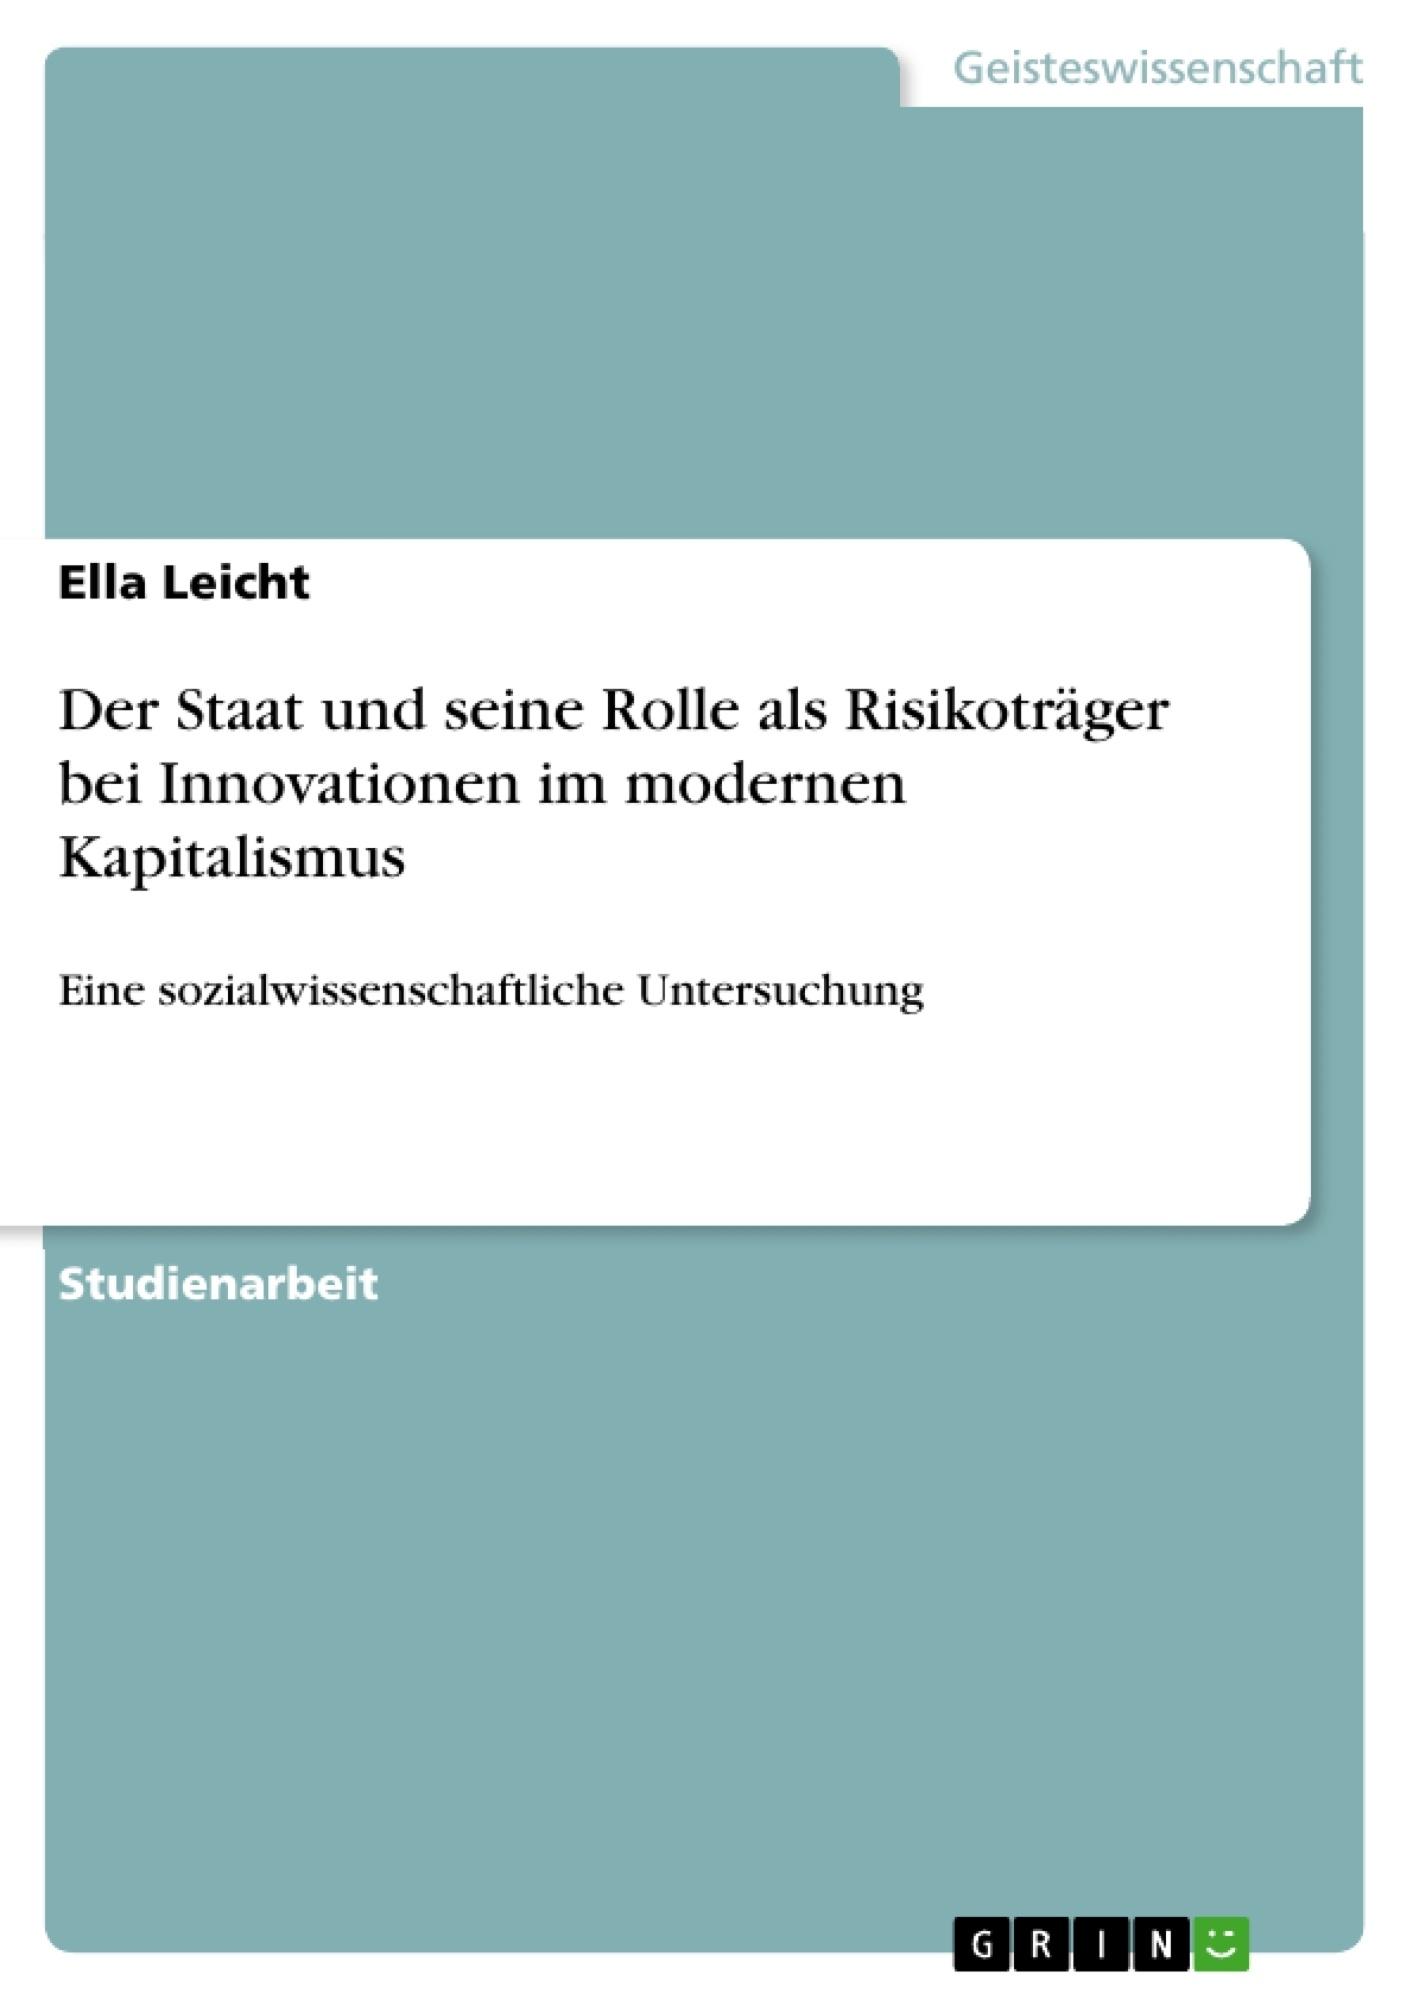 Titel: Der Staat und seine Rolle als Risikoträger bei Innovationen im modernen Kapitalismus